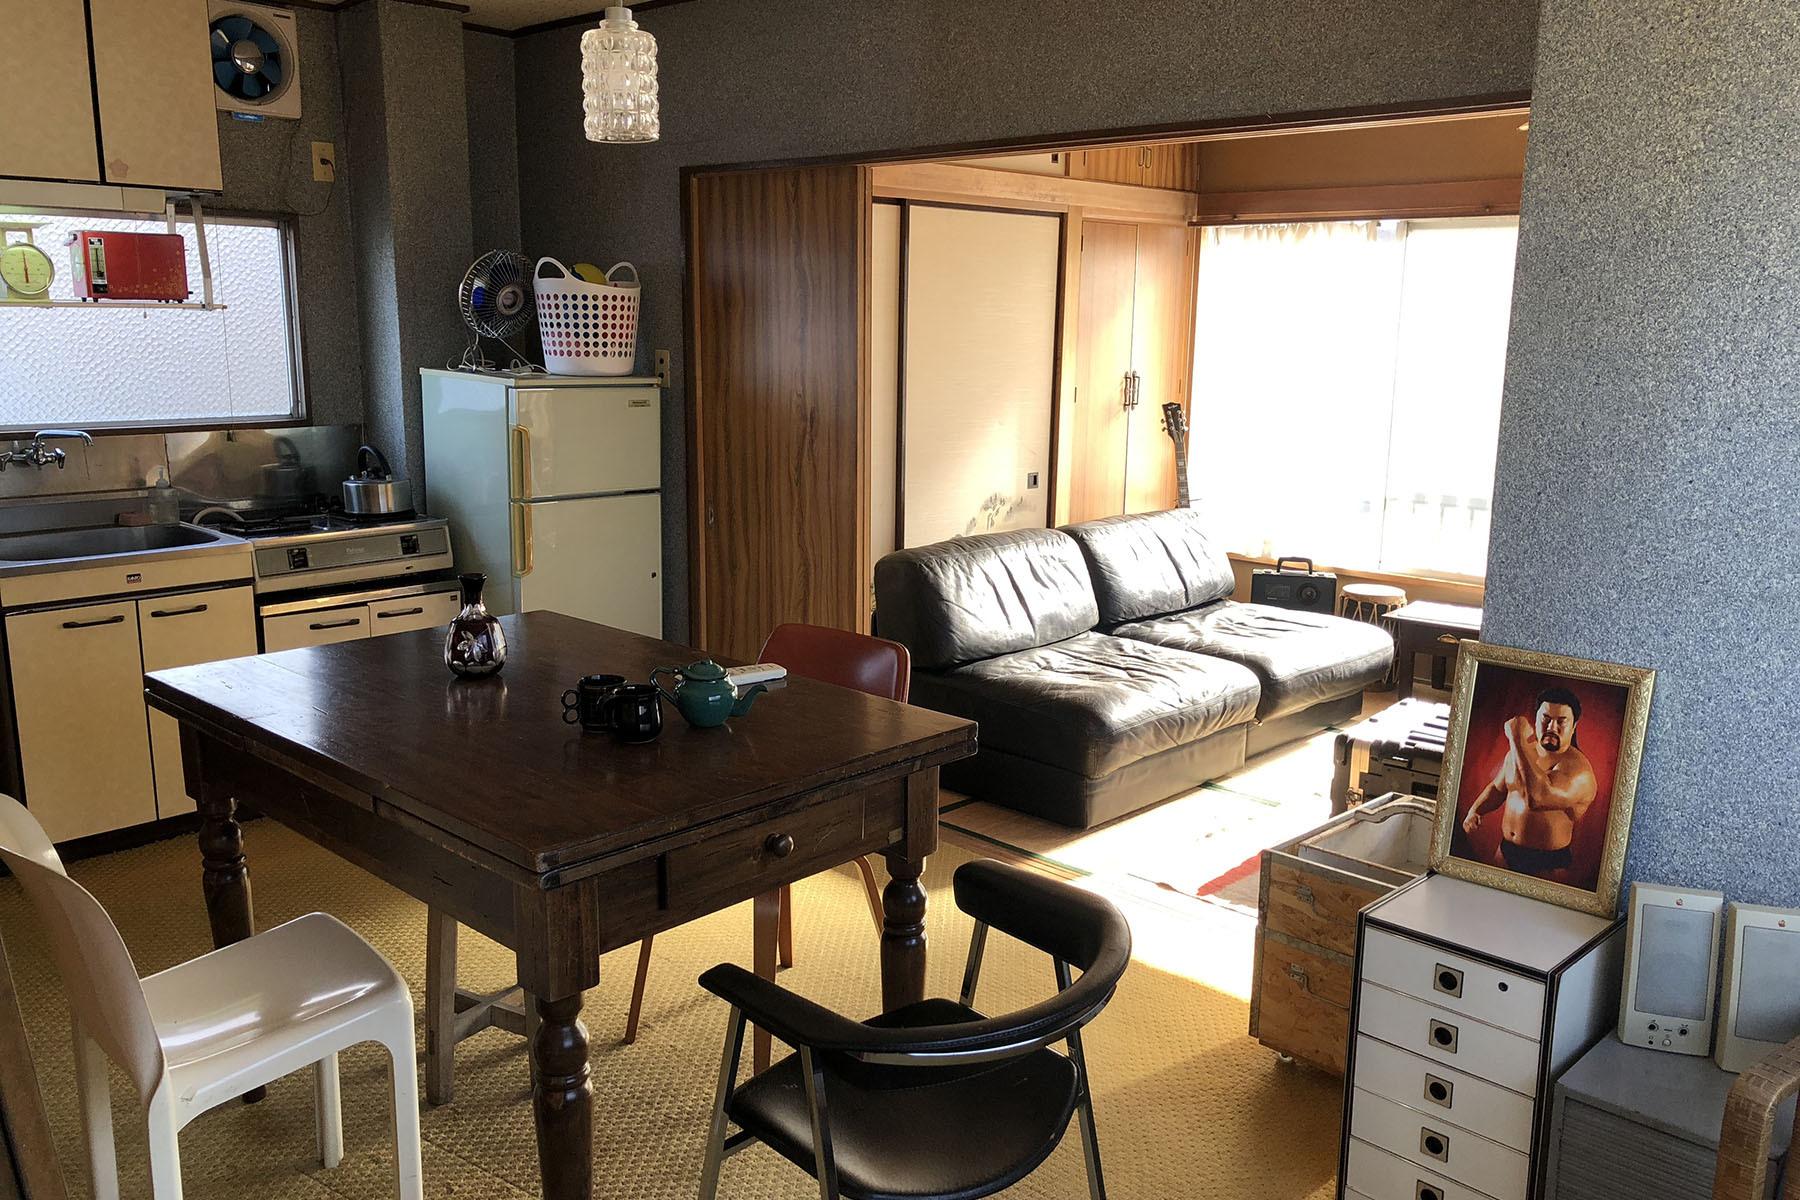 塩/シェアアトリエ (ropeマネジメントスペース)4F 和室から昭和キッチン部屋へ